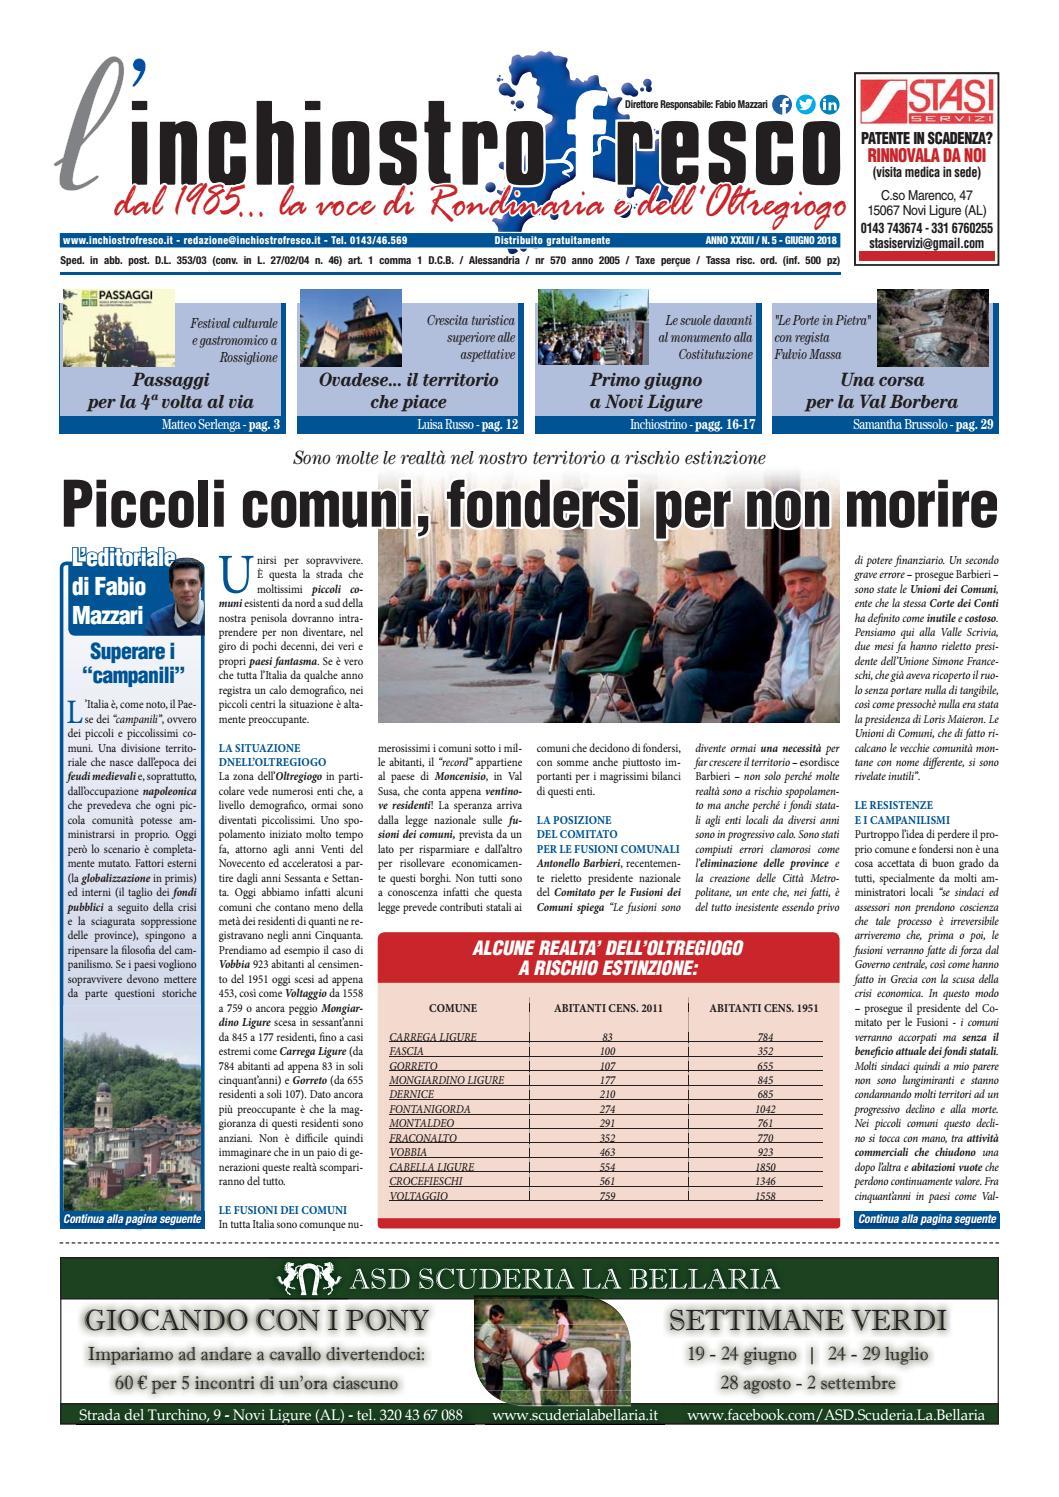 Falegnameria Puppo Campo Ligure giugno 2018 by ilenia procopio - issuu